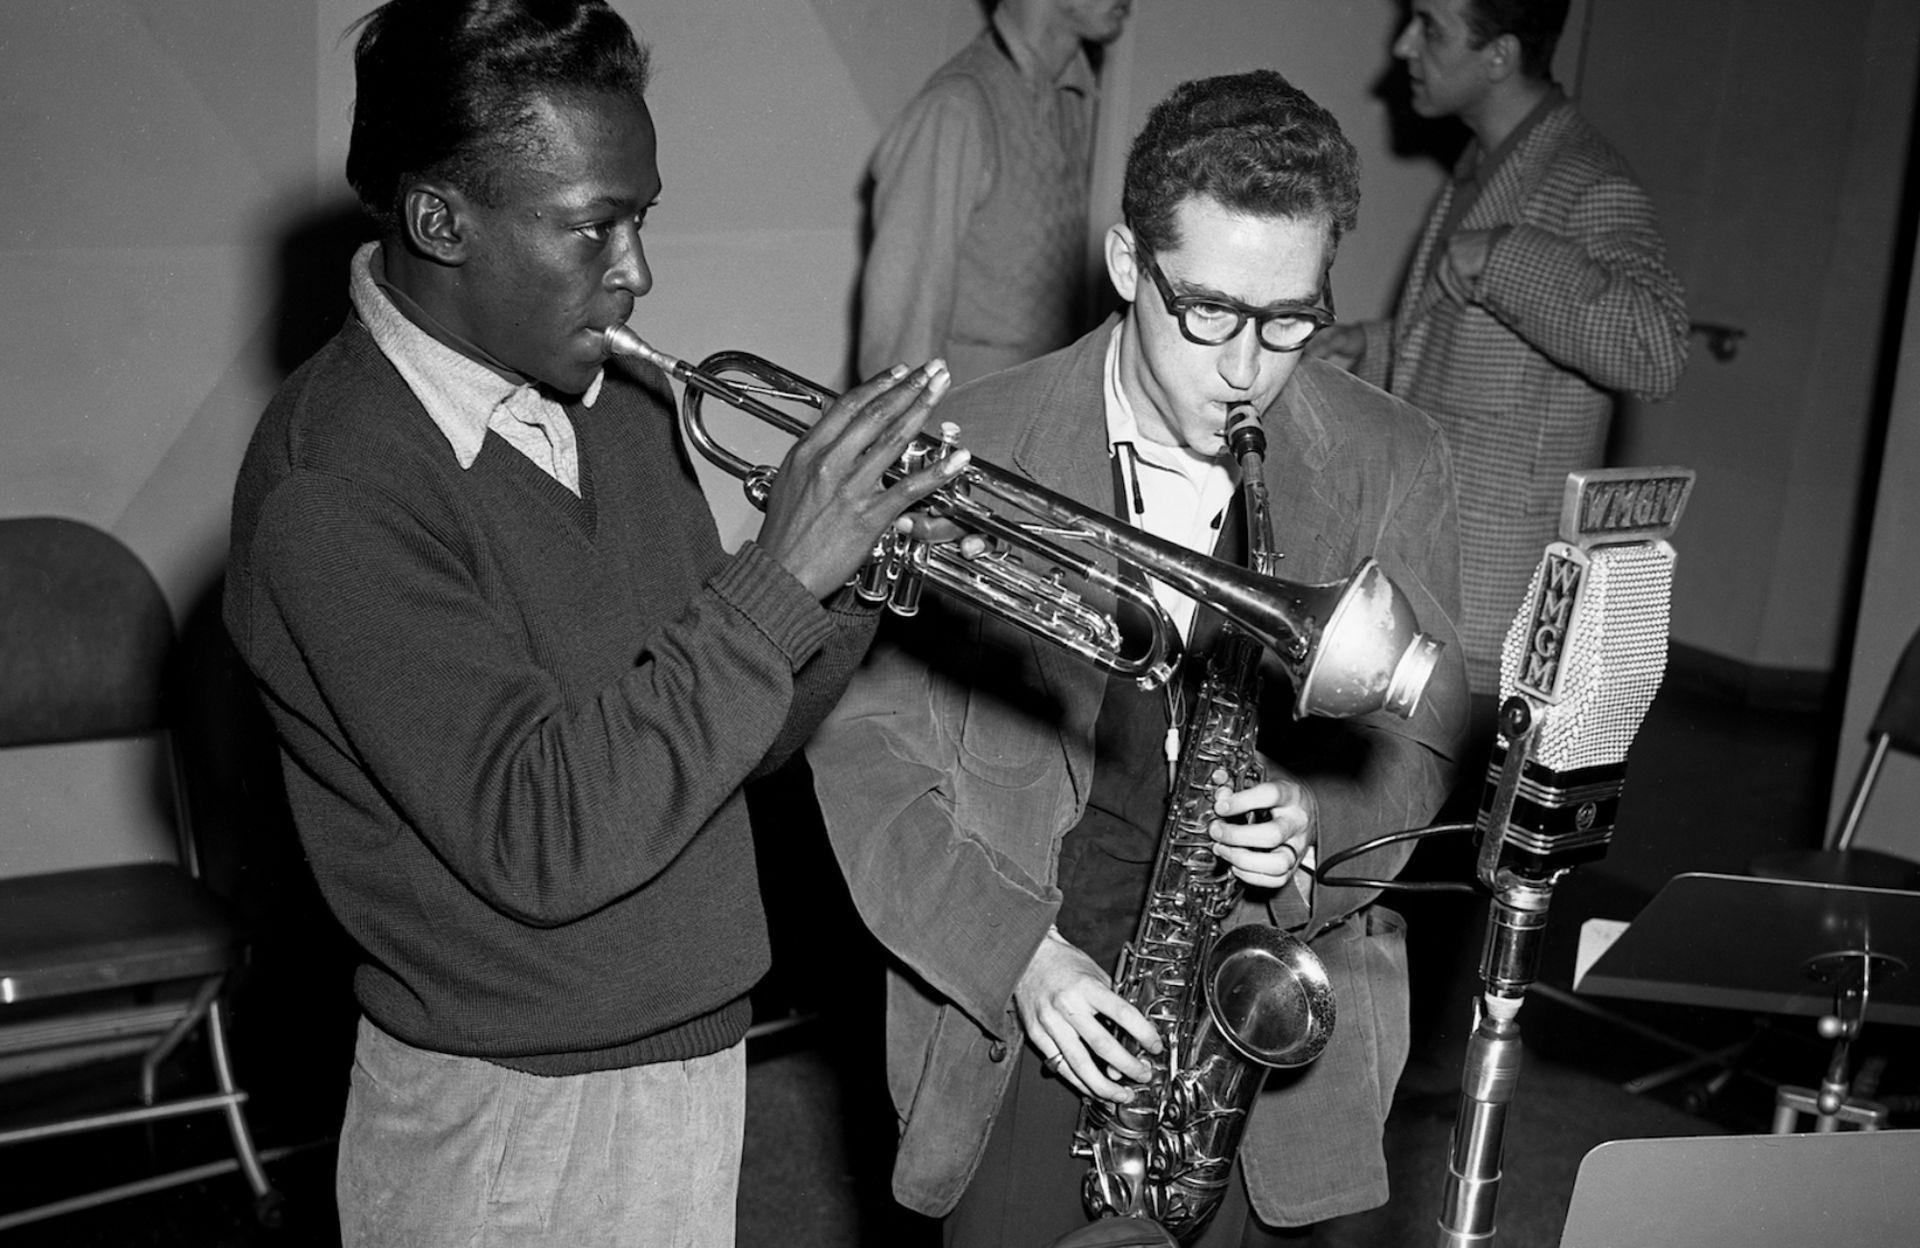 Lee Konitz, protagonista de los años dorados del jazz, junto a Miles Davis en una sesión radiofónica